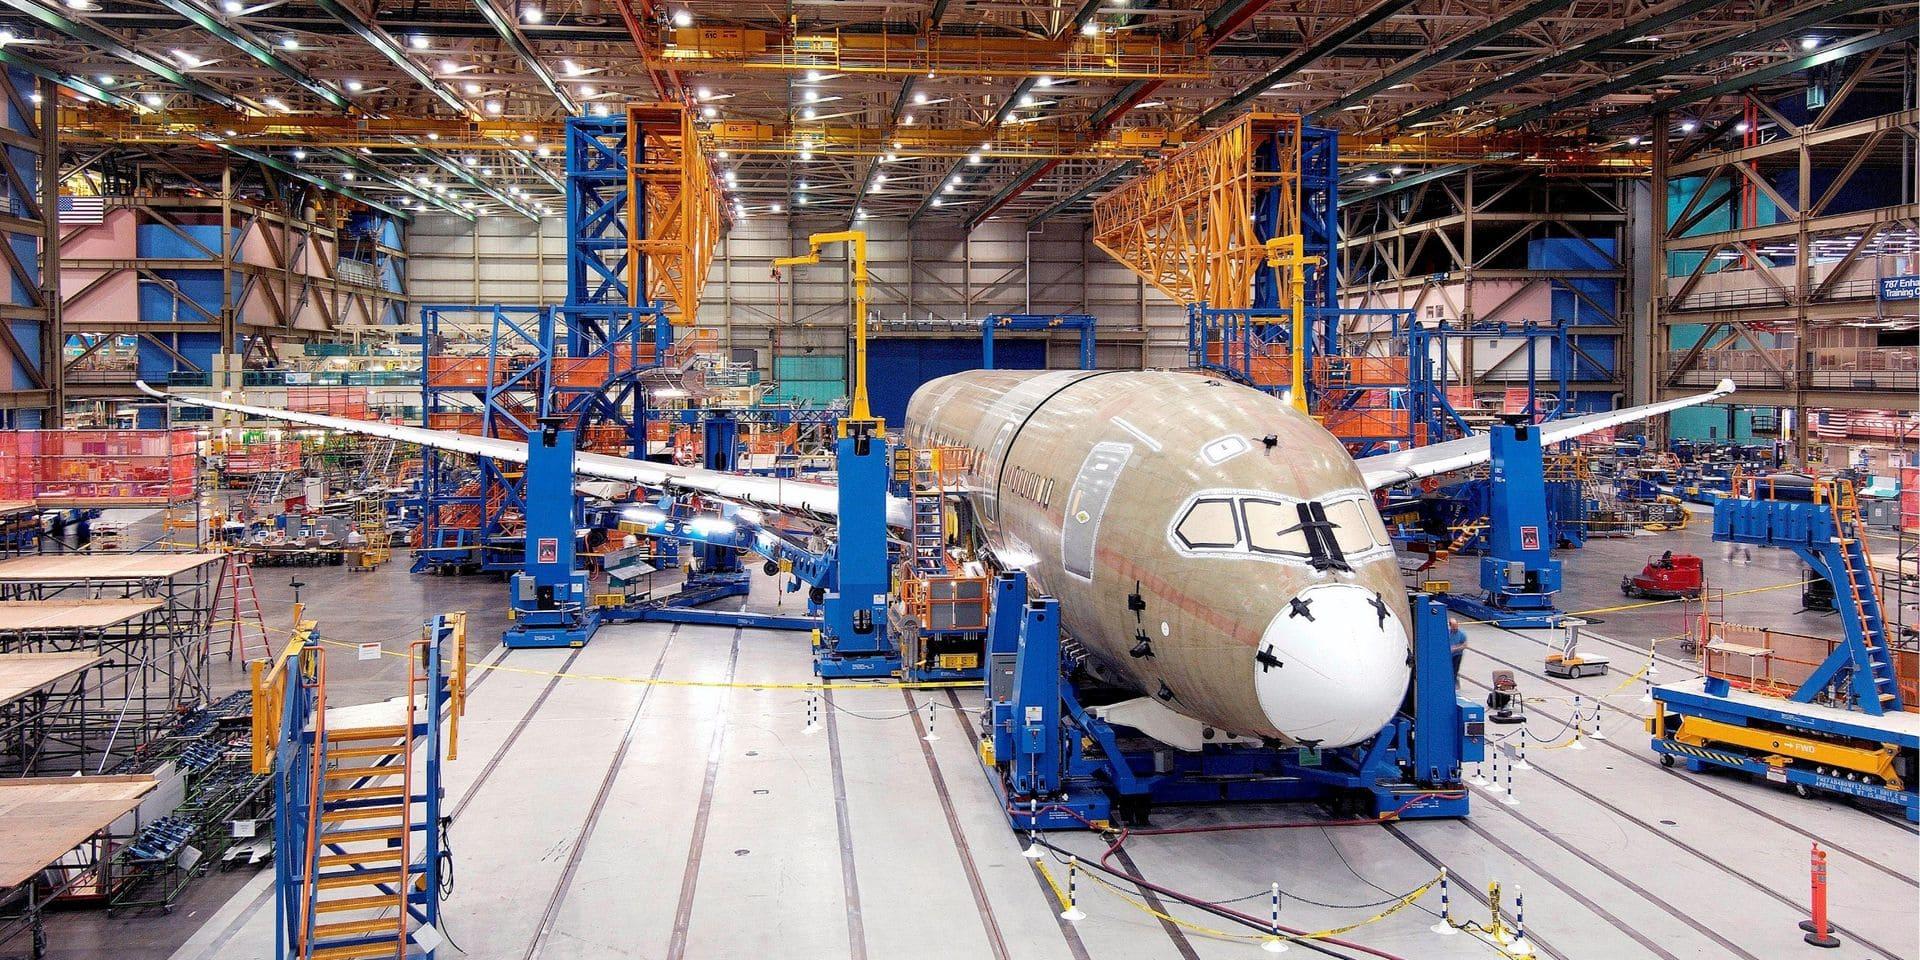 Le régulateur américain enquête sur des défauts de fabrication du Boeing 787